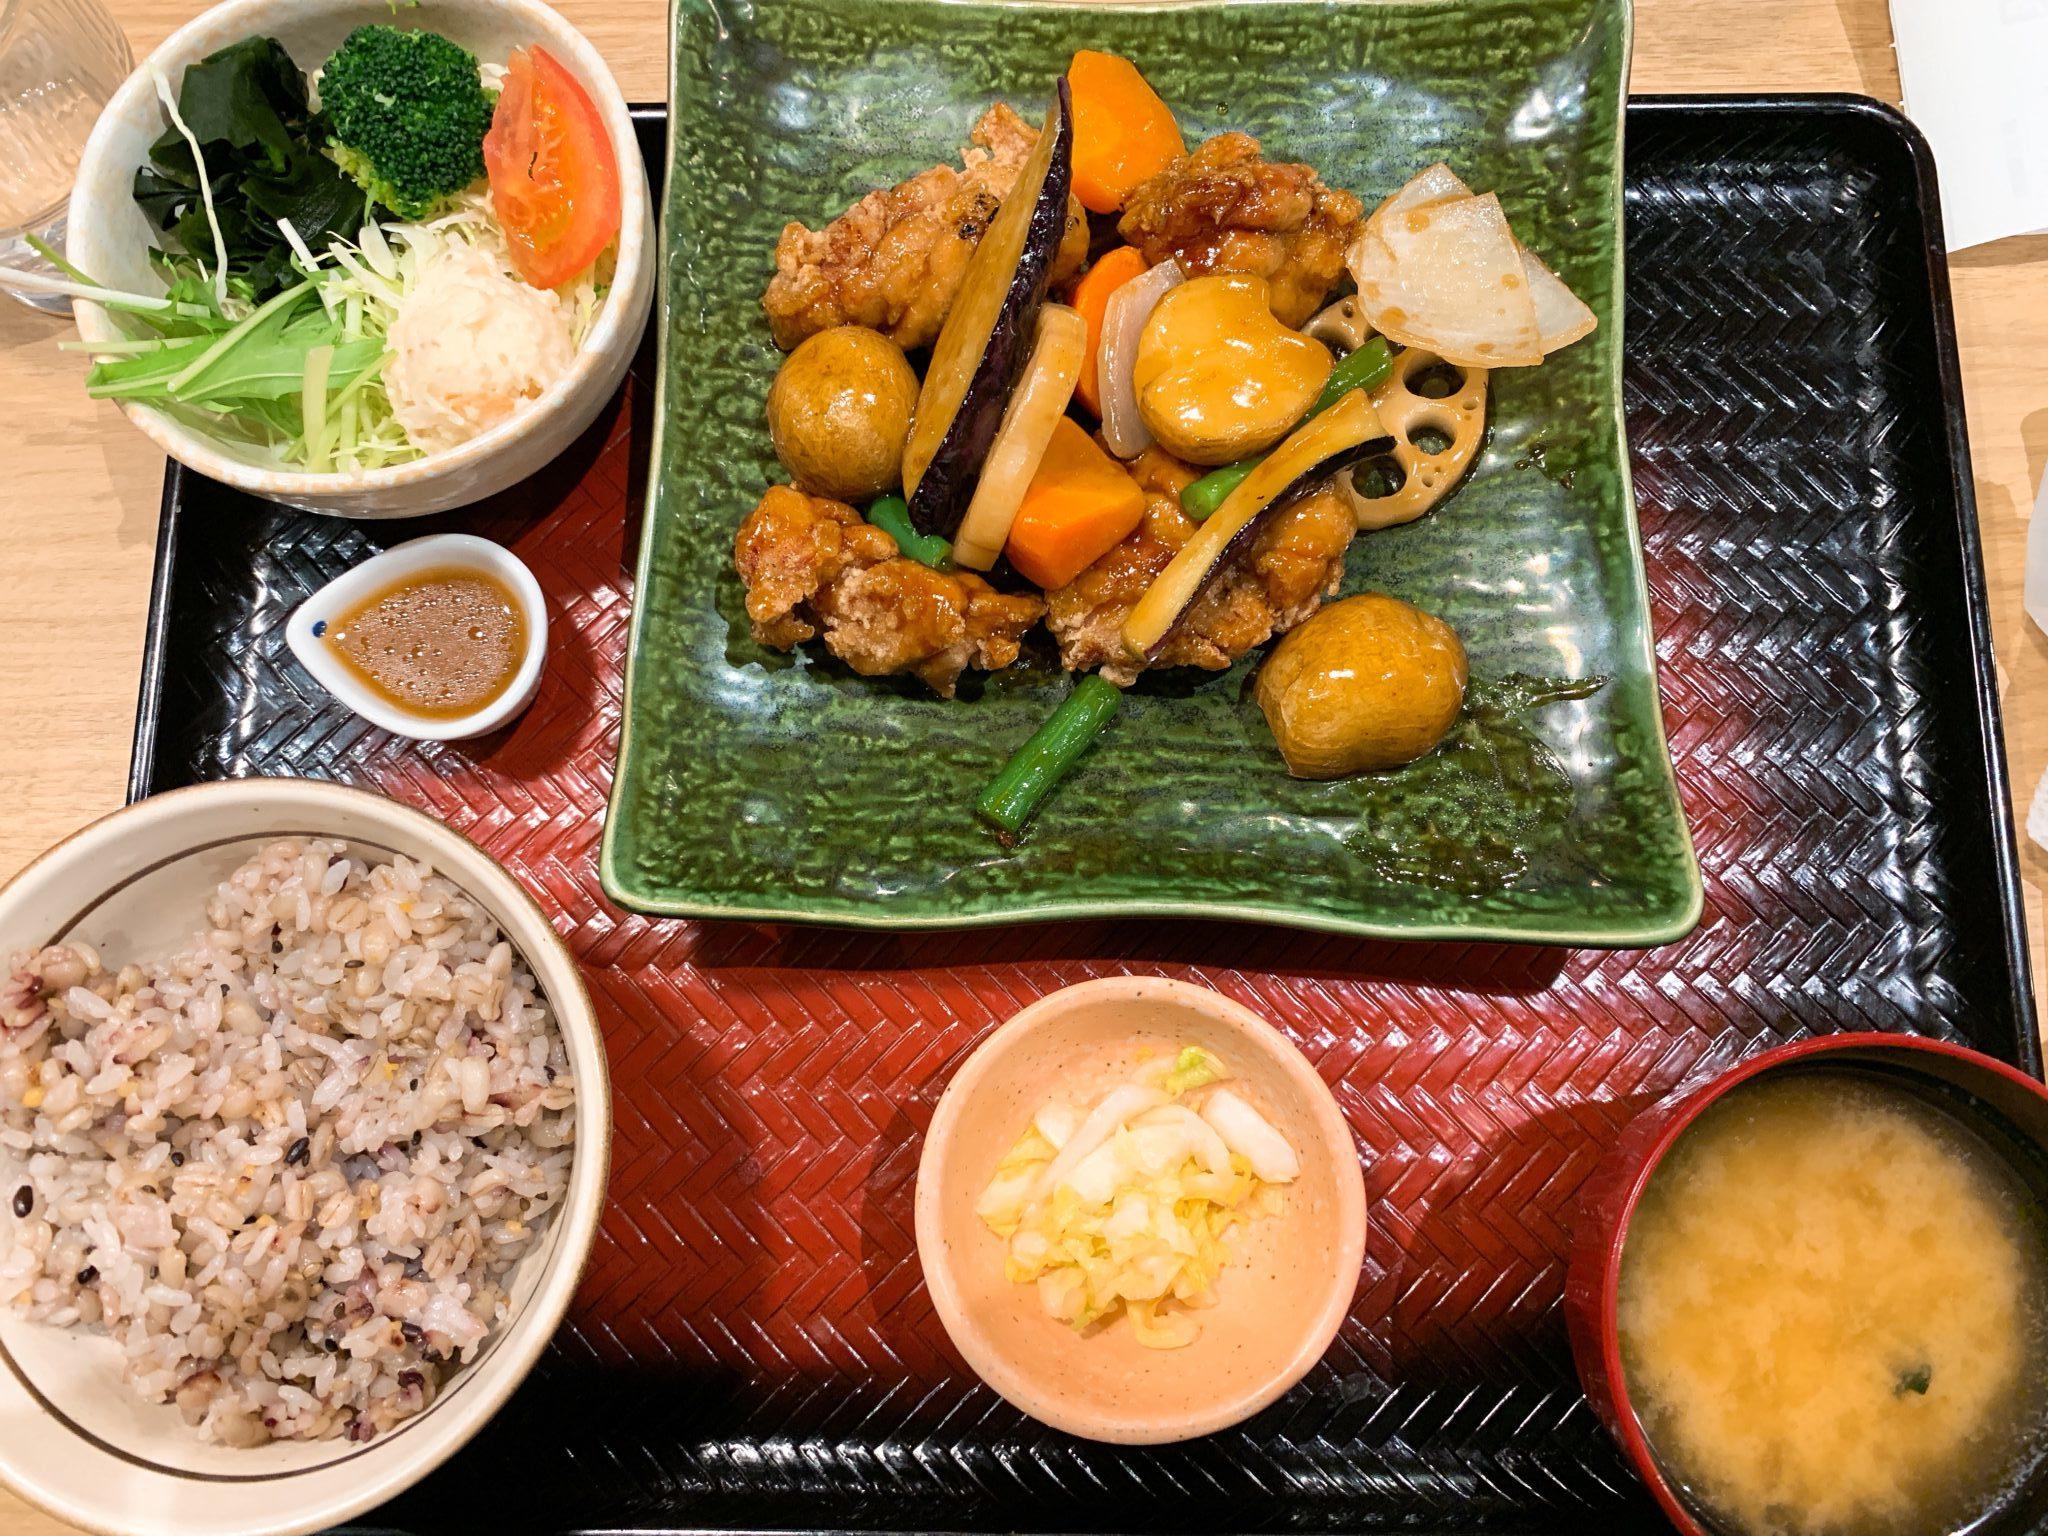 鶏と野菜の黒酢あんかけ定食(五穀ご飯普通)